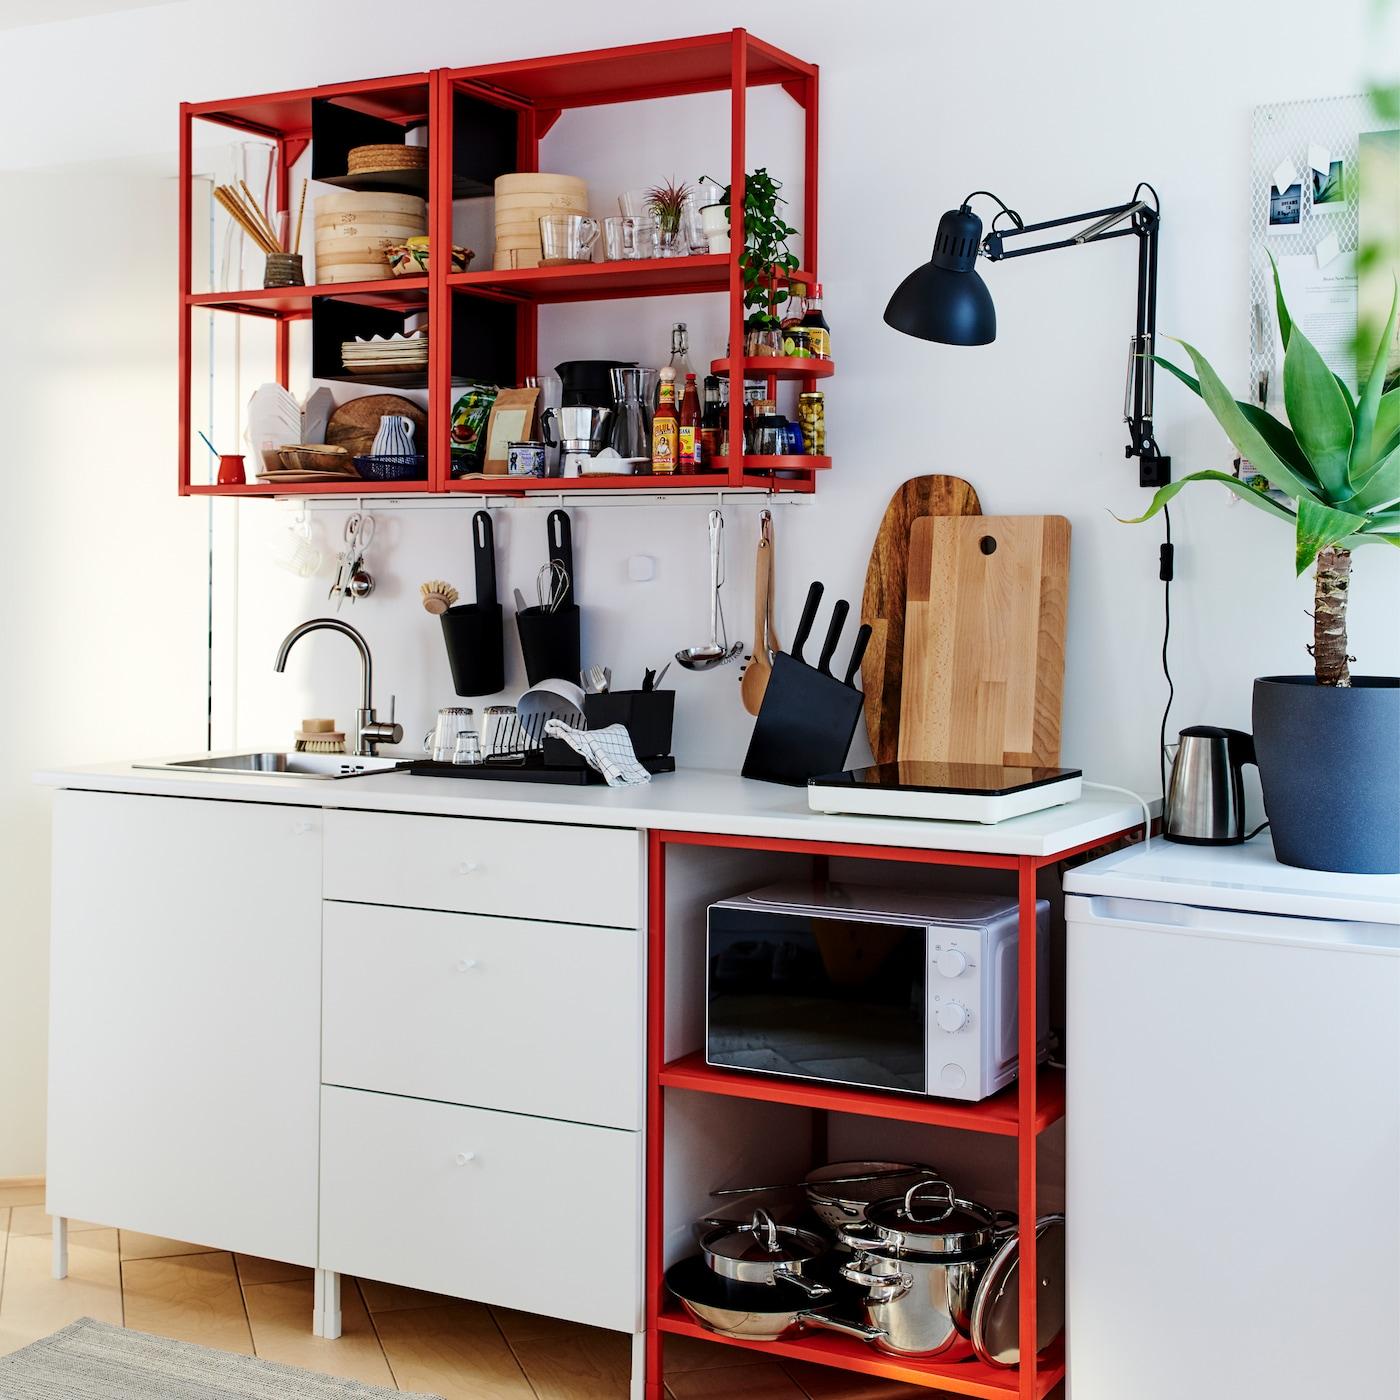 Petite cuisine rouge/blanc avec table à induction mobile, planches à découper en bois, lampe murale et égouttoir en noir.